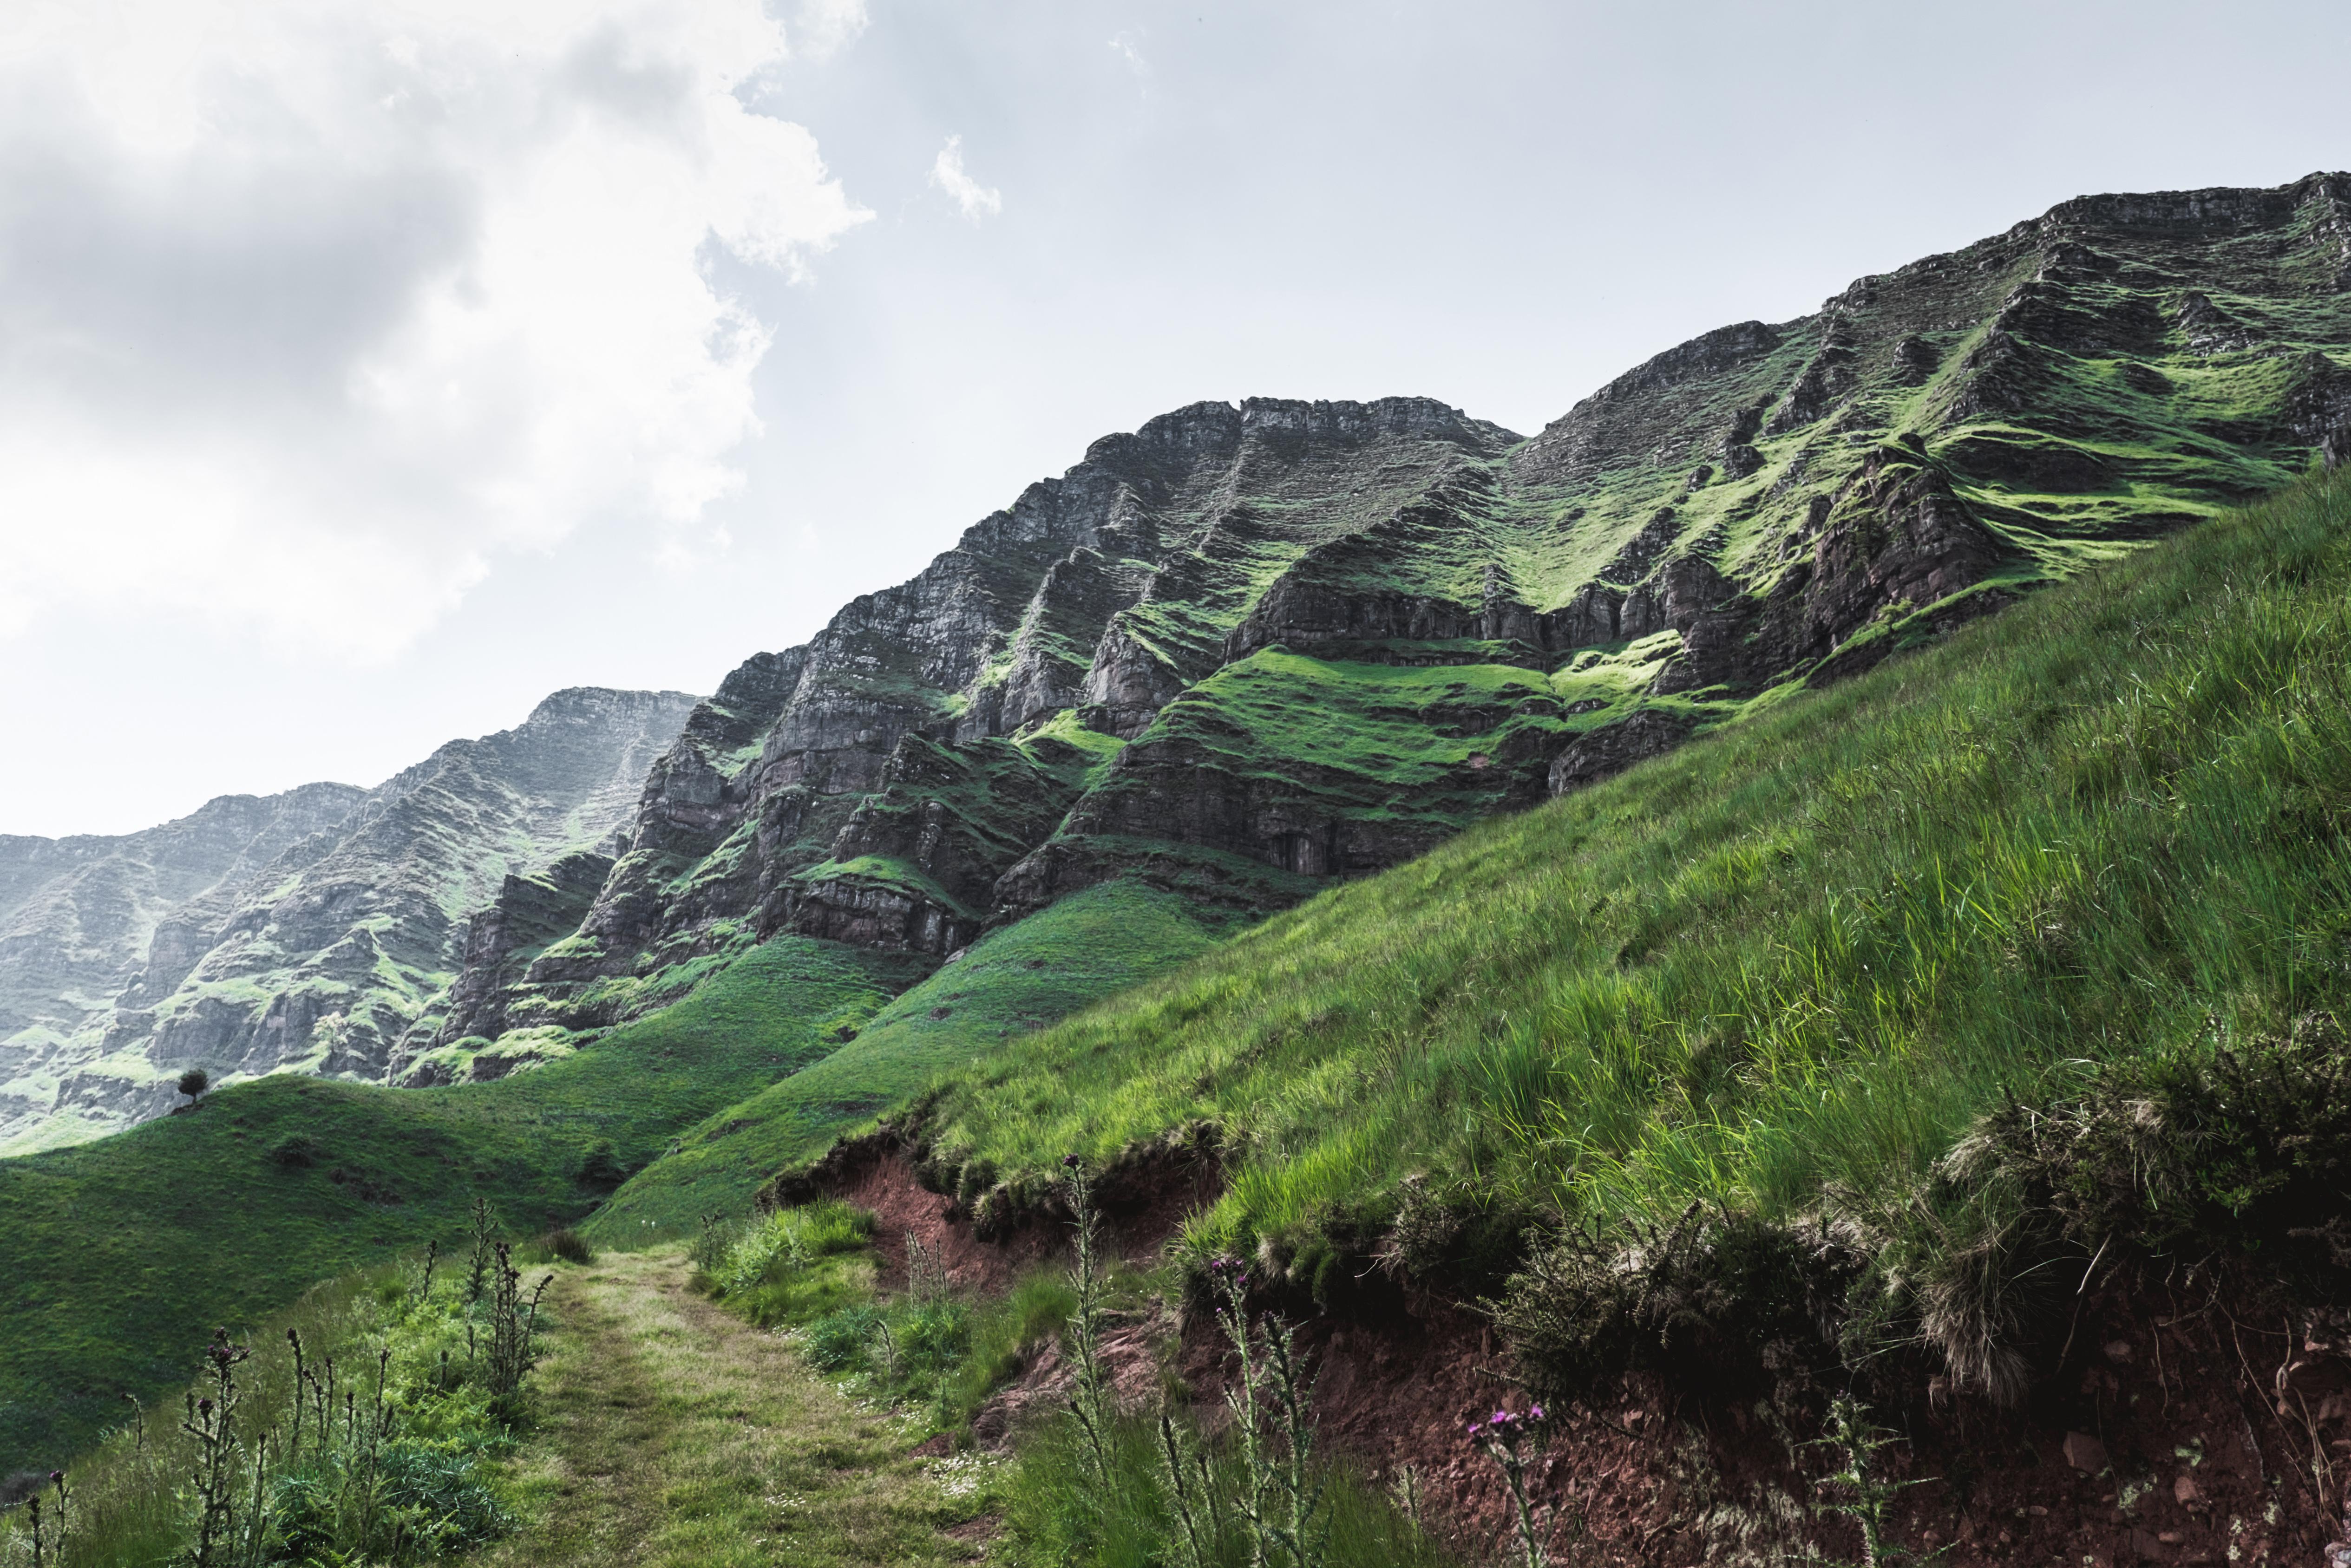 Randonnée au Pays Basque - Les crêtes d'Iparla-paysage-13